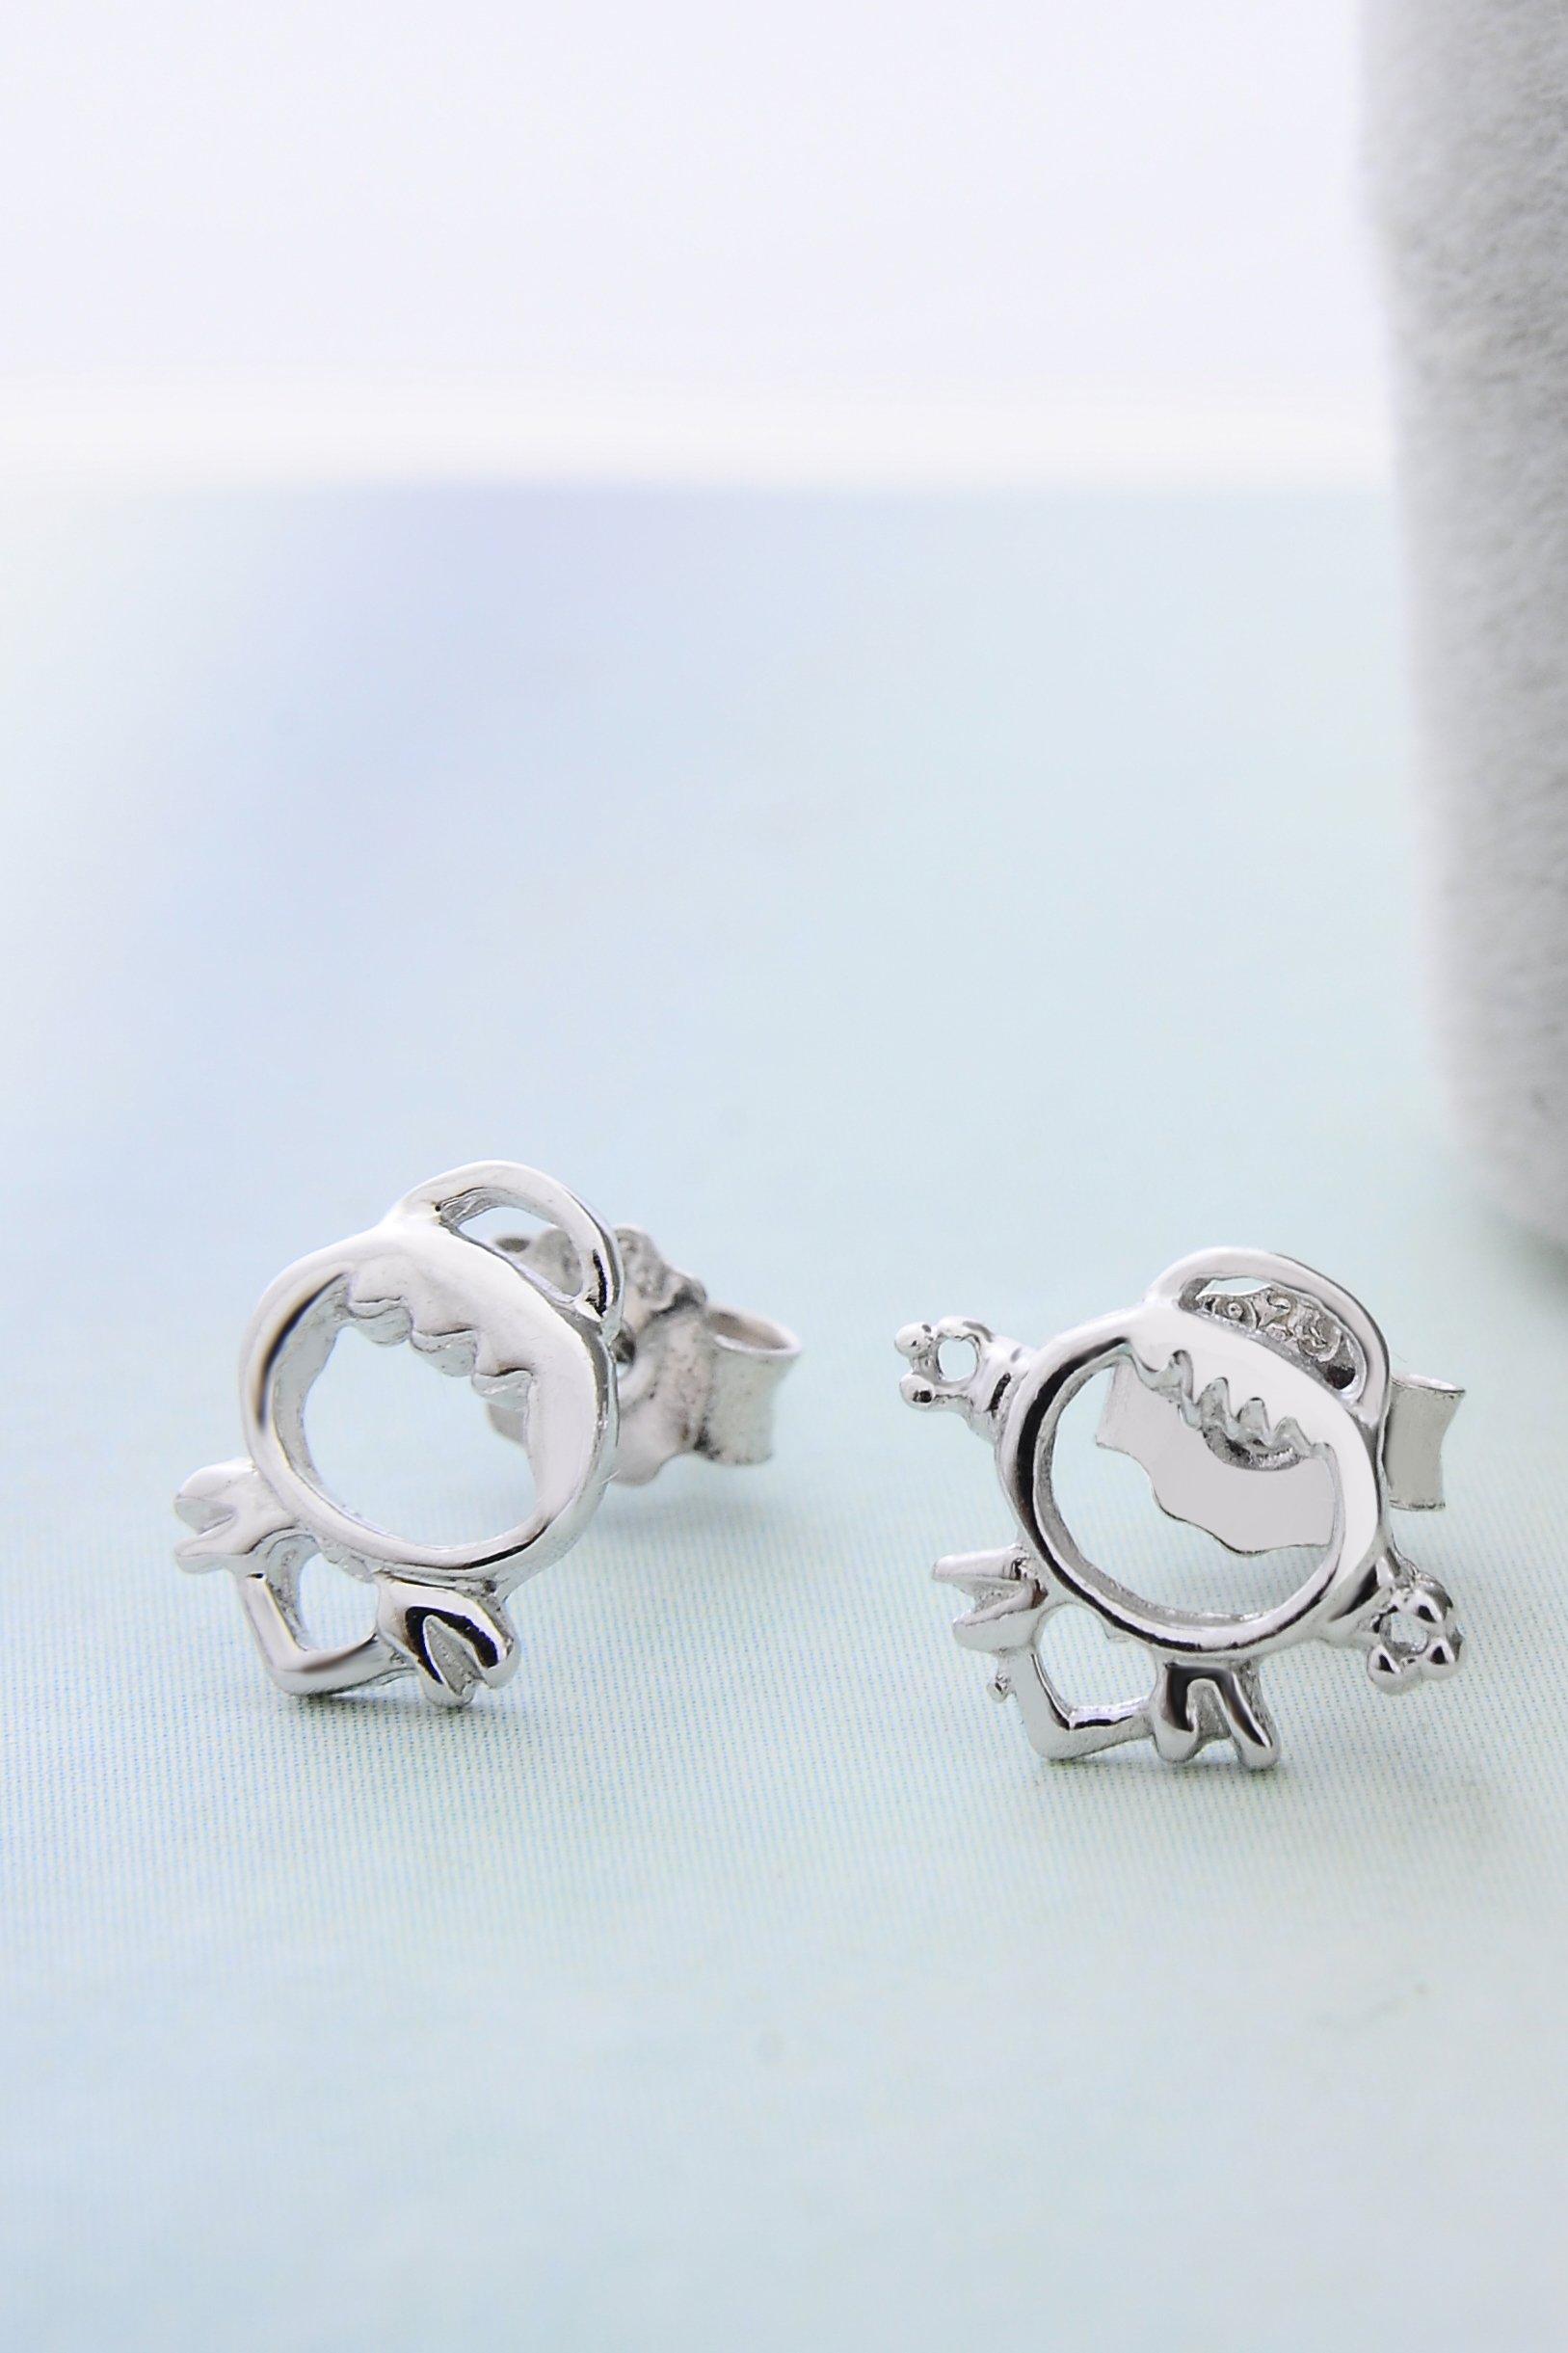 Thai Love You Angel Earrings earings Dangler Eardrop s925 Sterling Silver Women Girls Personality Elegant Woman Presents Unique Fashion Jewelry by KGELE Earrings